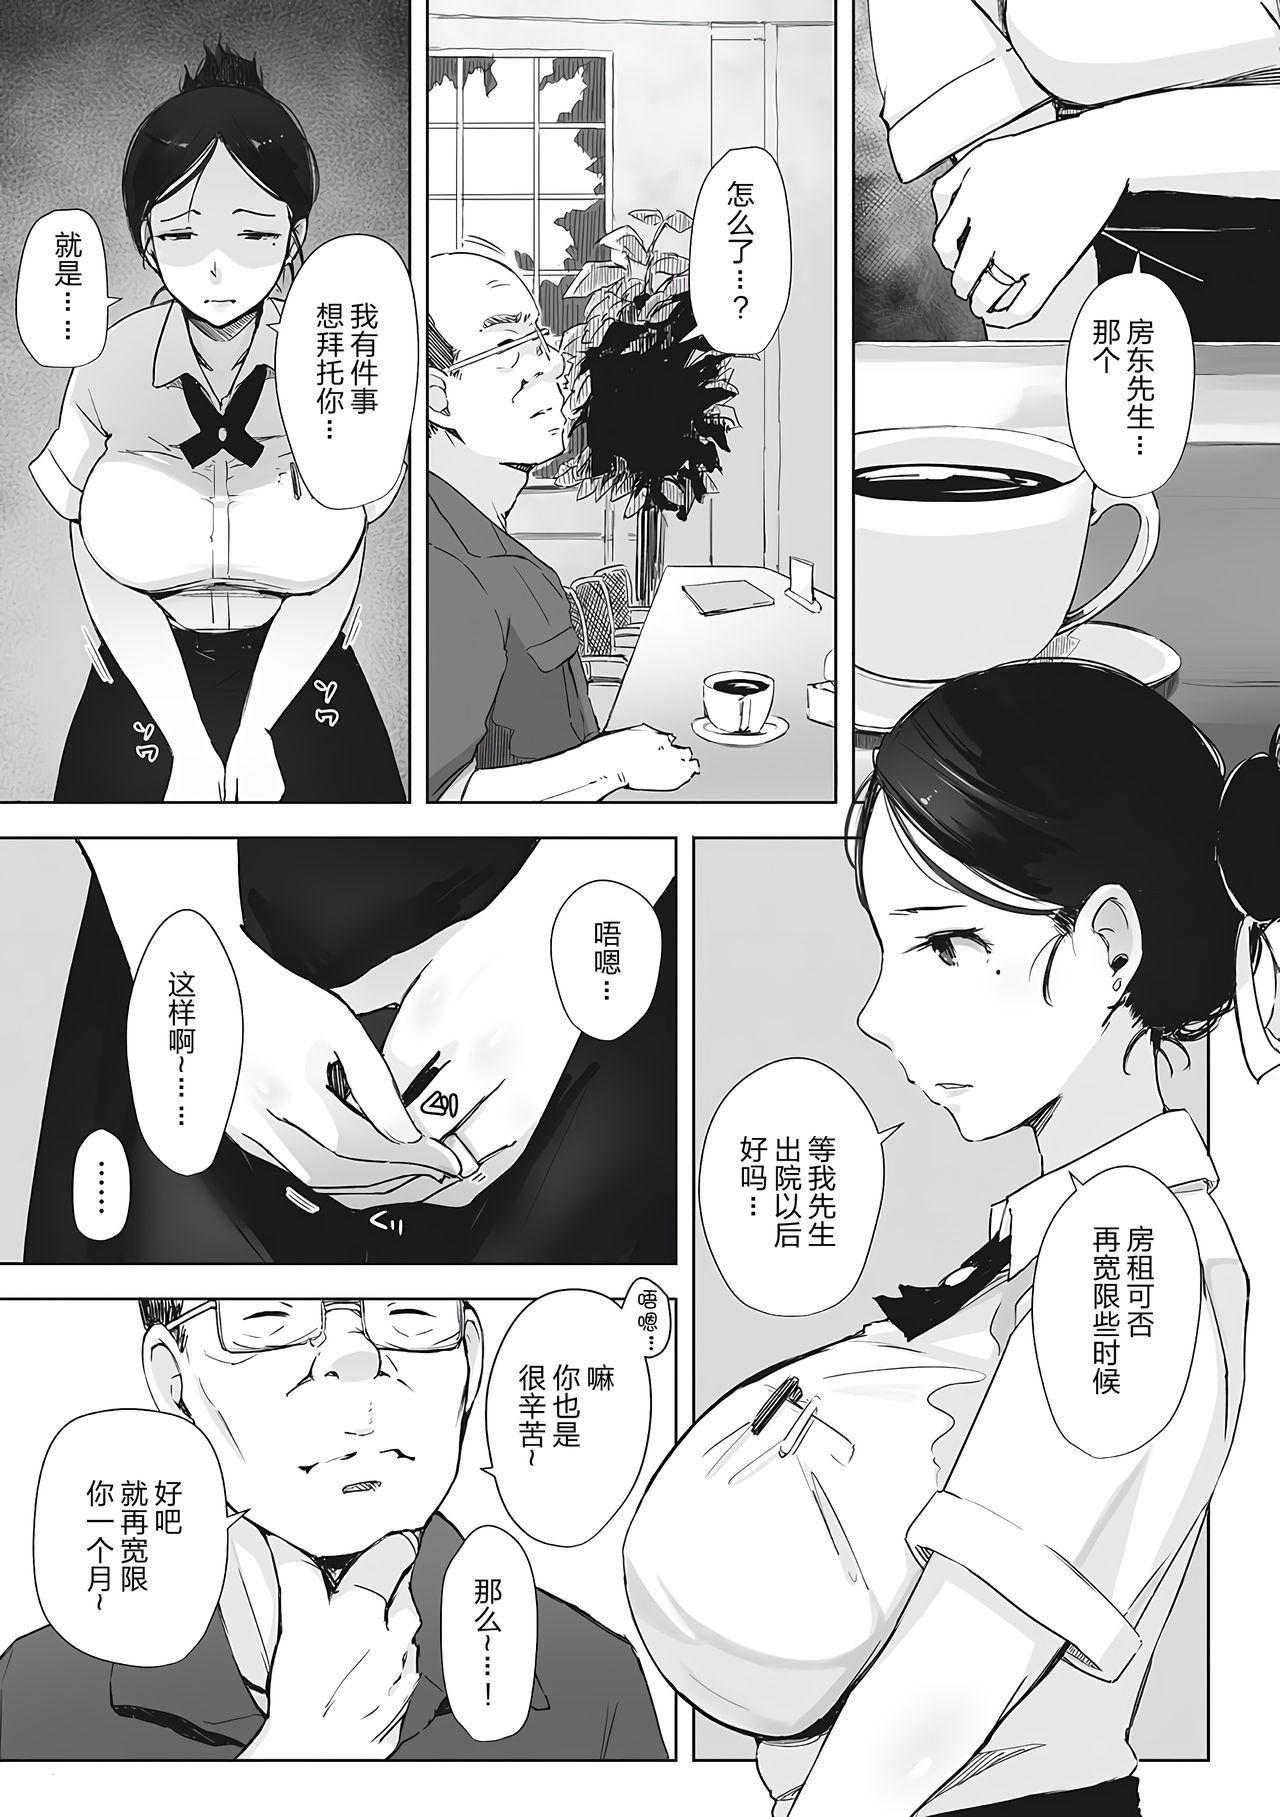 Yue ni Hitozuma wa Netorareta. 24